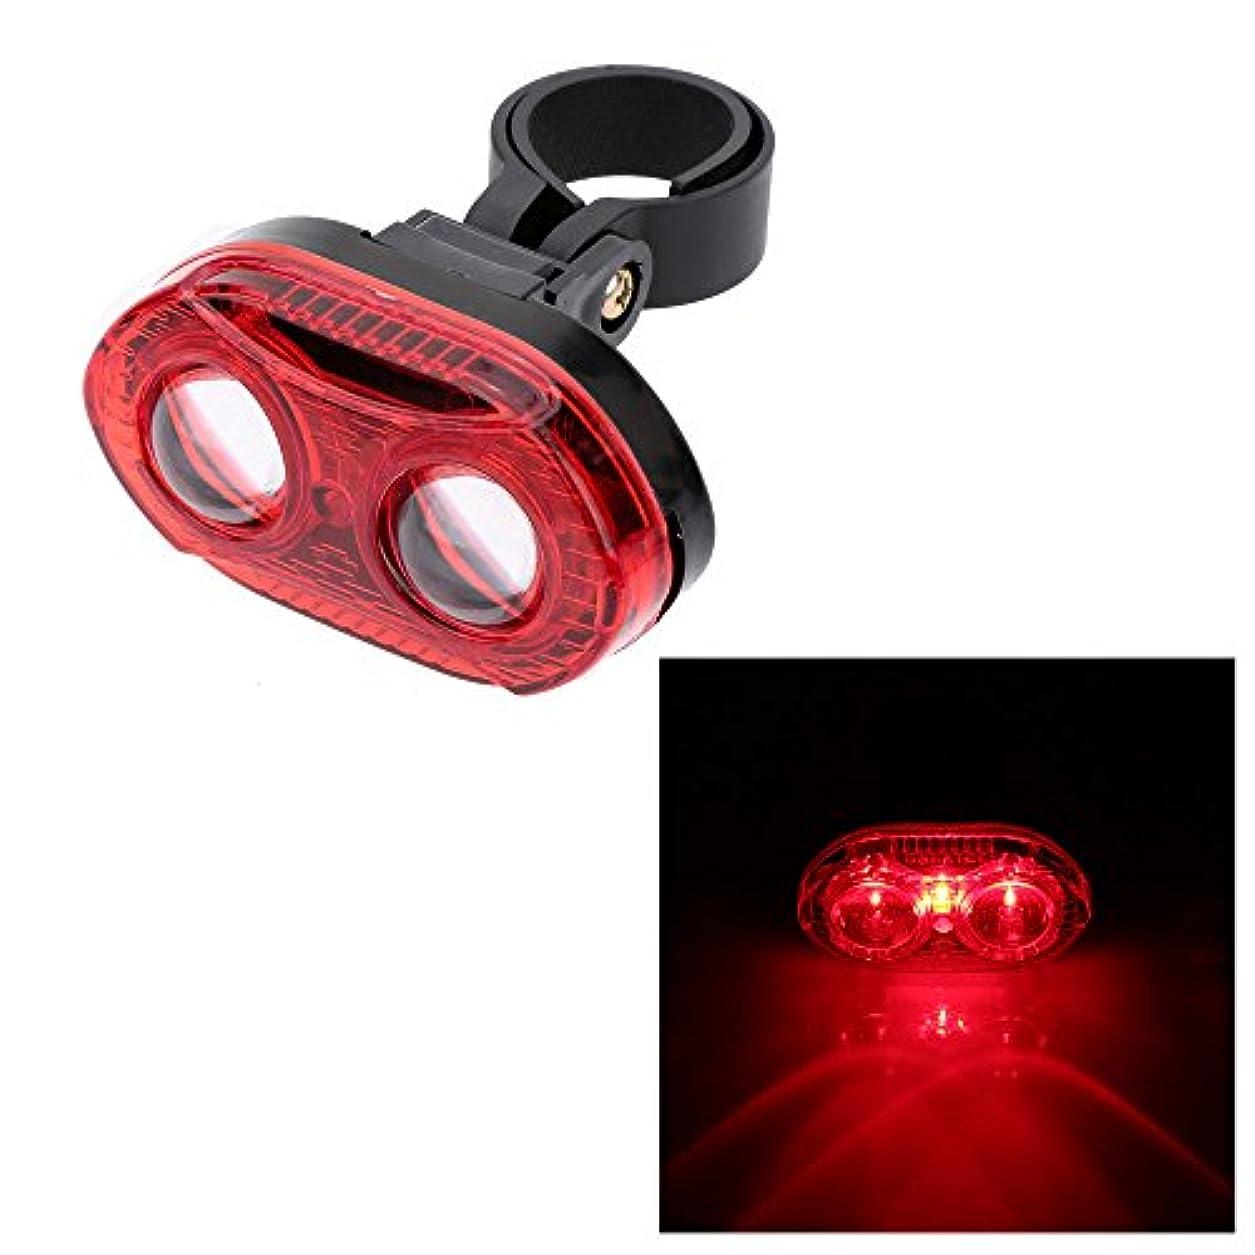 使用法メイトライドLixada サイクルリアライト、LEDサイクルフラッシュライト 3 LEDs+3モード 自転車ライト テールライト、後方も照らして夜間走行も安全に!